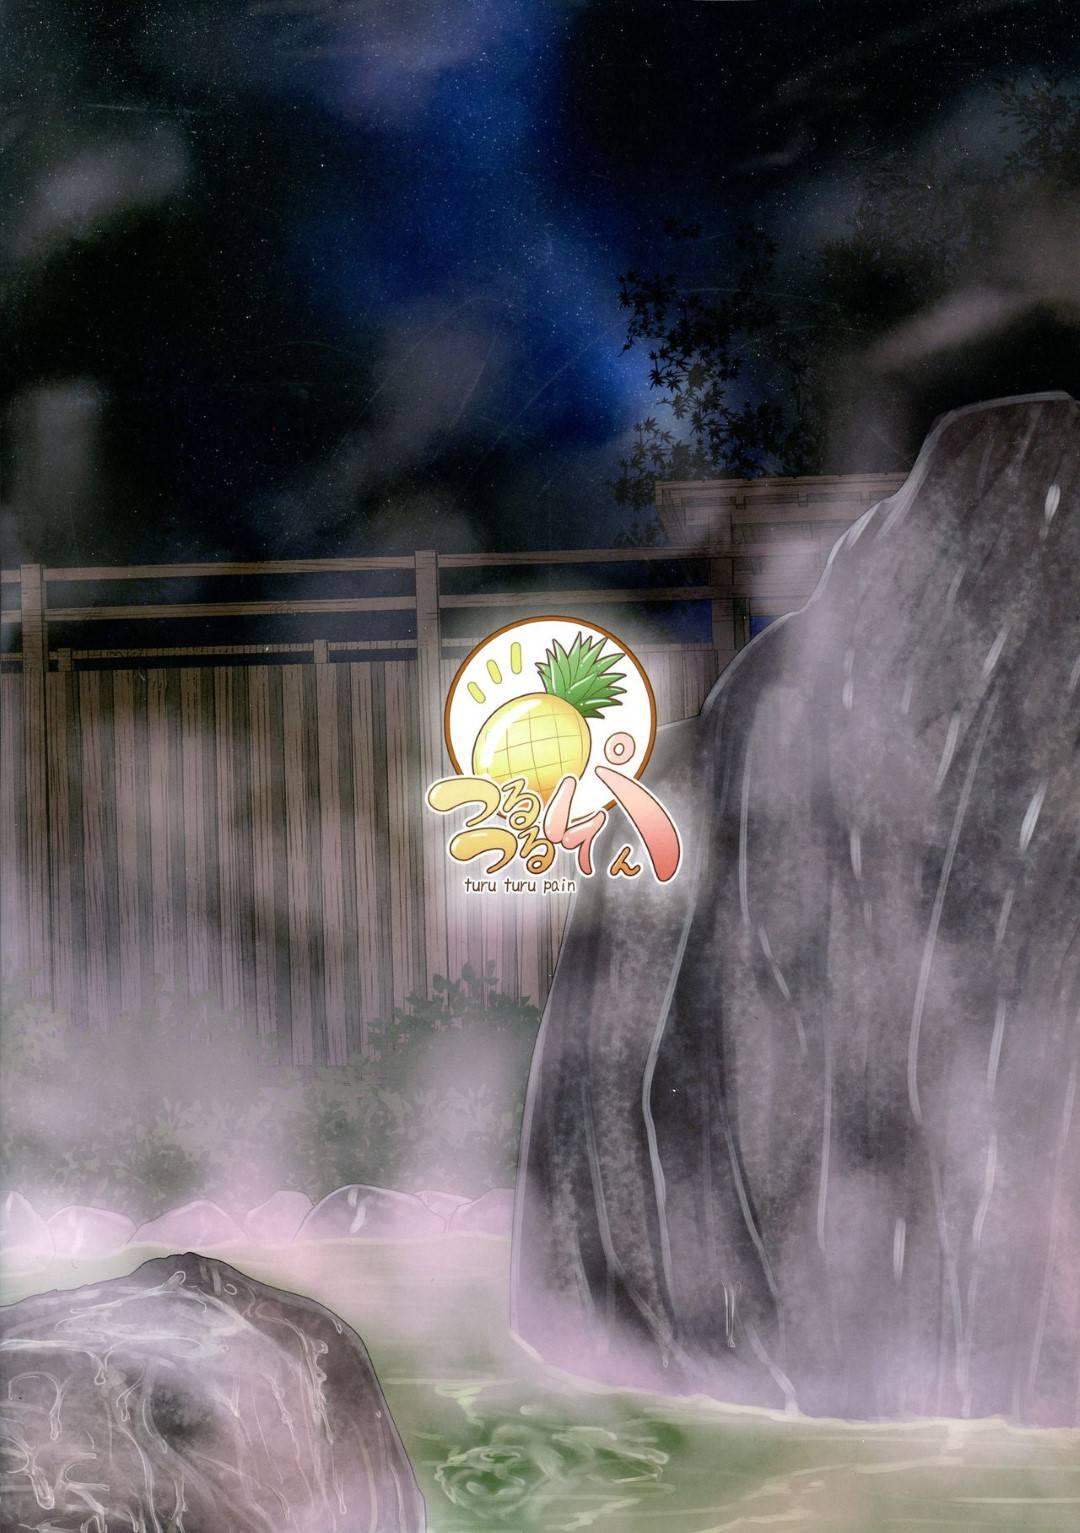 【fateエロ漫画】温泉旅行へ来たロリっ娘なイリヤとふたなりロリっ娘な美遊。性欲むんむんな二人は足湯に入るなり手コキと手マンで触り合いっ子!そして浴場に入るなり、先に来ていたふたなりのクロを交えて3Pセックス!【ピケル】